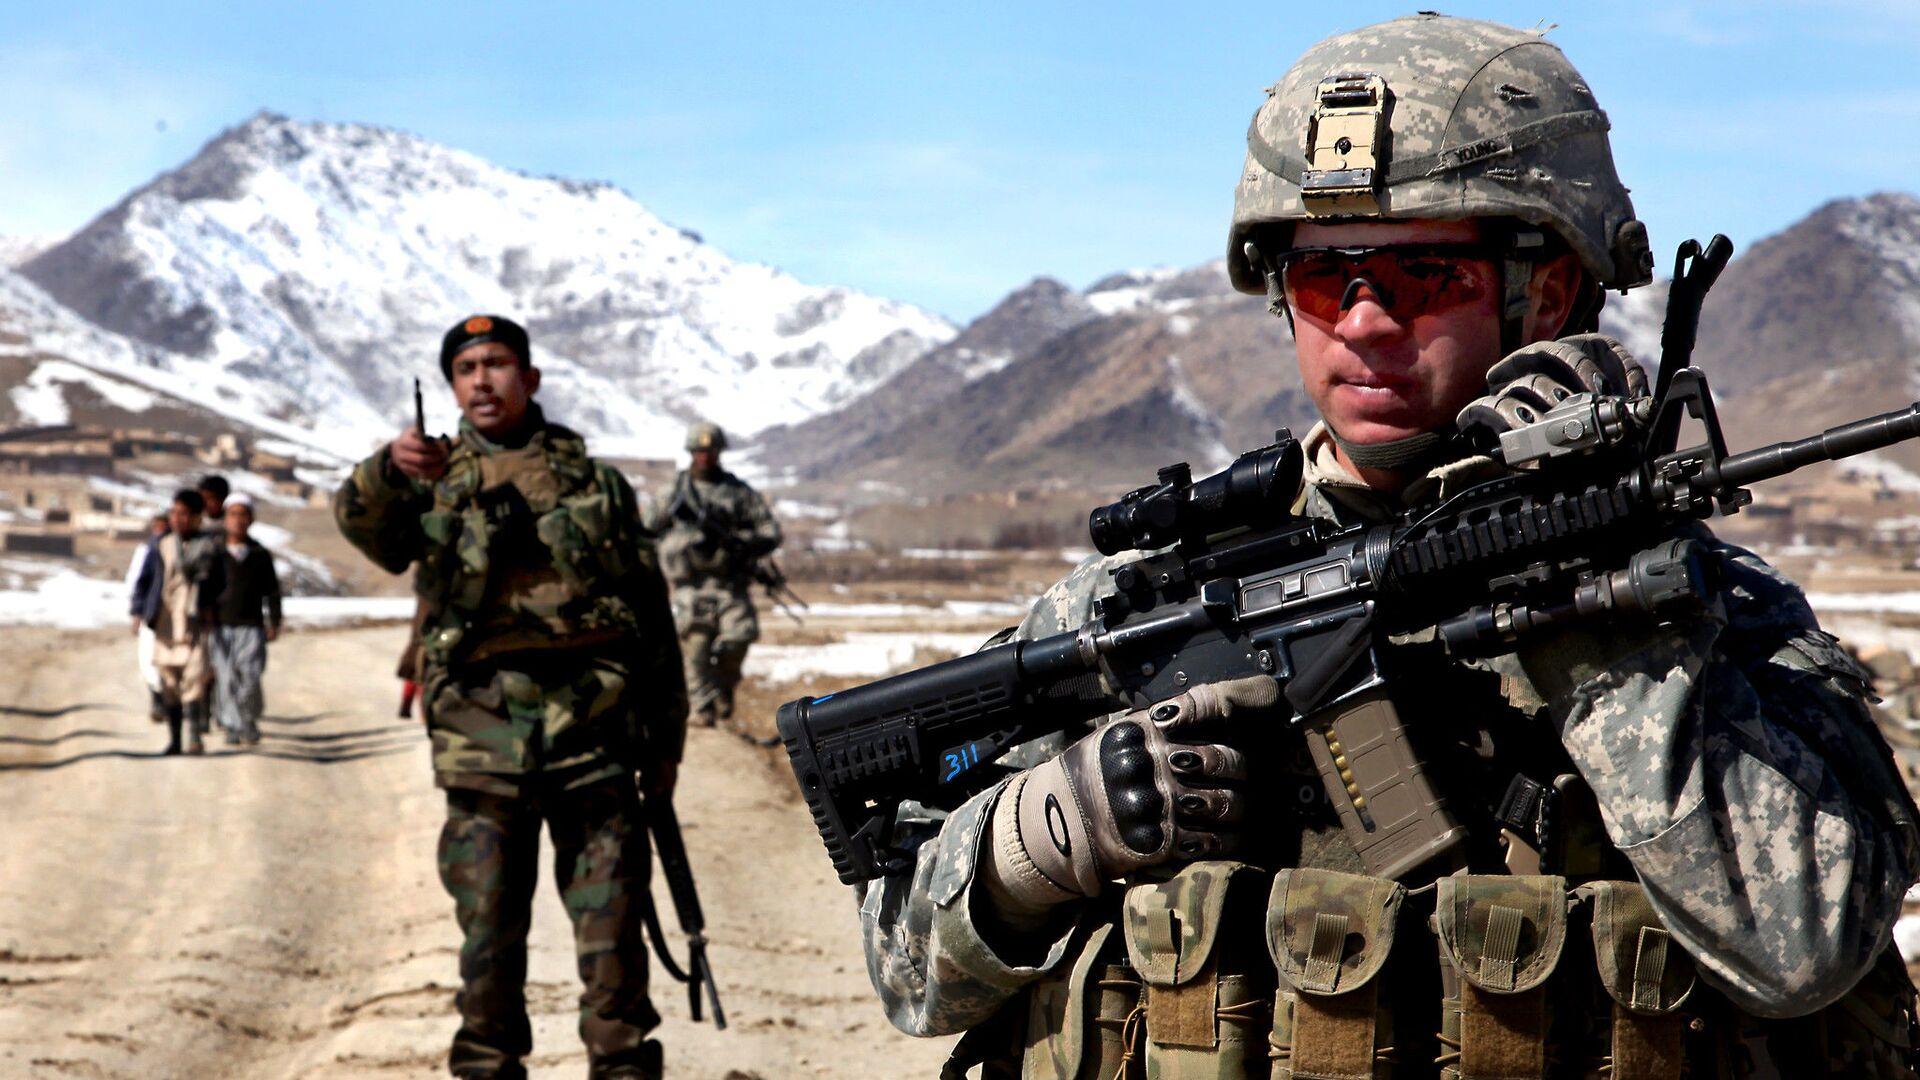 Un soldato dell'esercito degli Stati Uniti pattuglia con soldati afghani per verificare le condizioni nel villaggio di Yawez nella provincia di Wardak, Afghanistan, 17 febbraio 2010 - Sputnik Italia, 1920, 18.05.2021